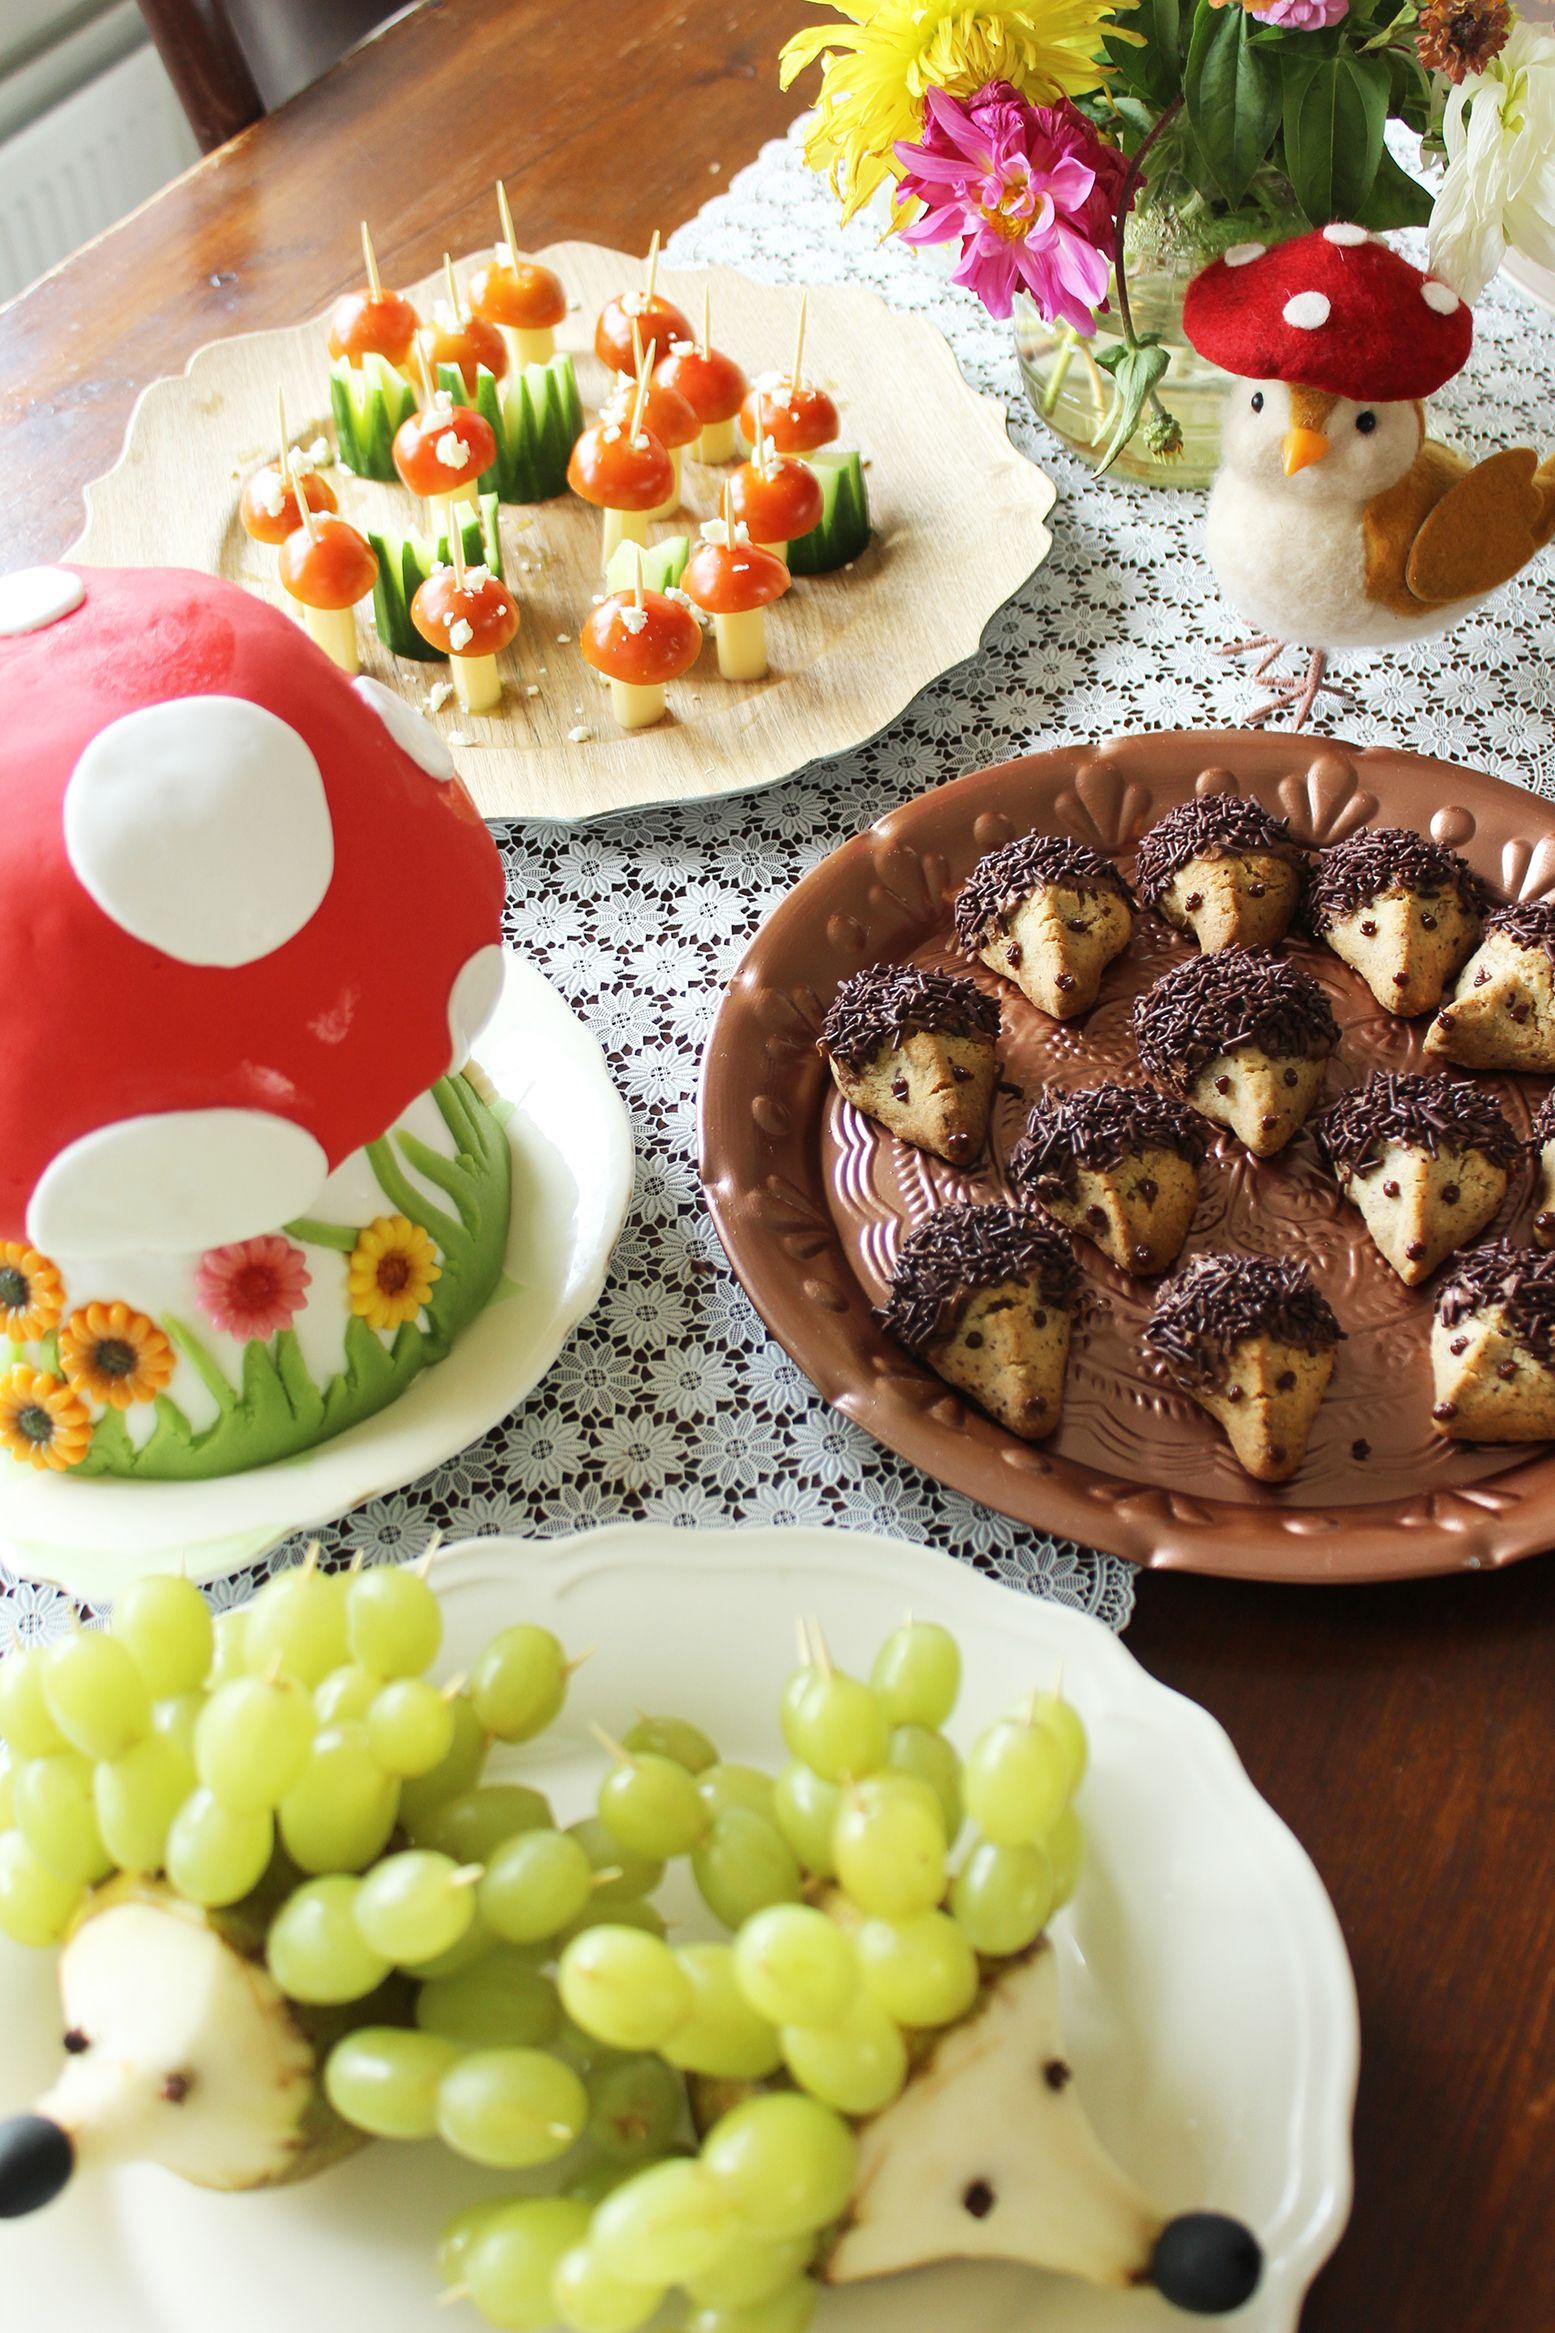 Children Birthday Party Food Ideas  Kids Birthday Party Food Ideas